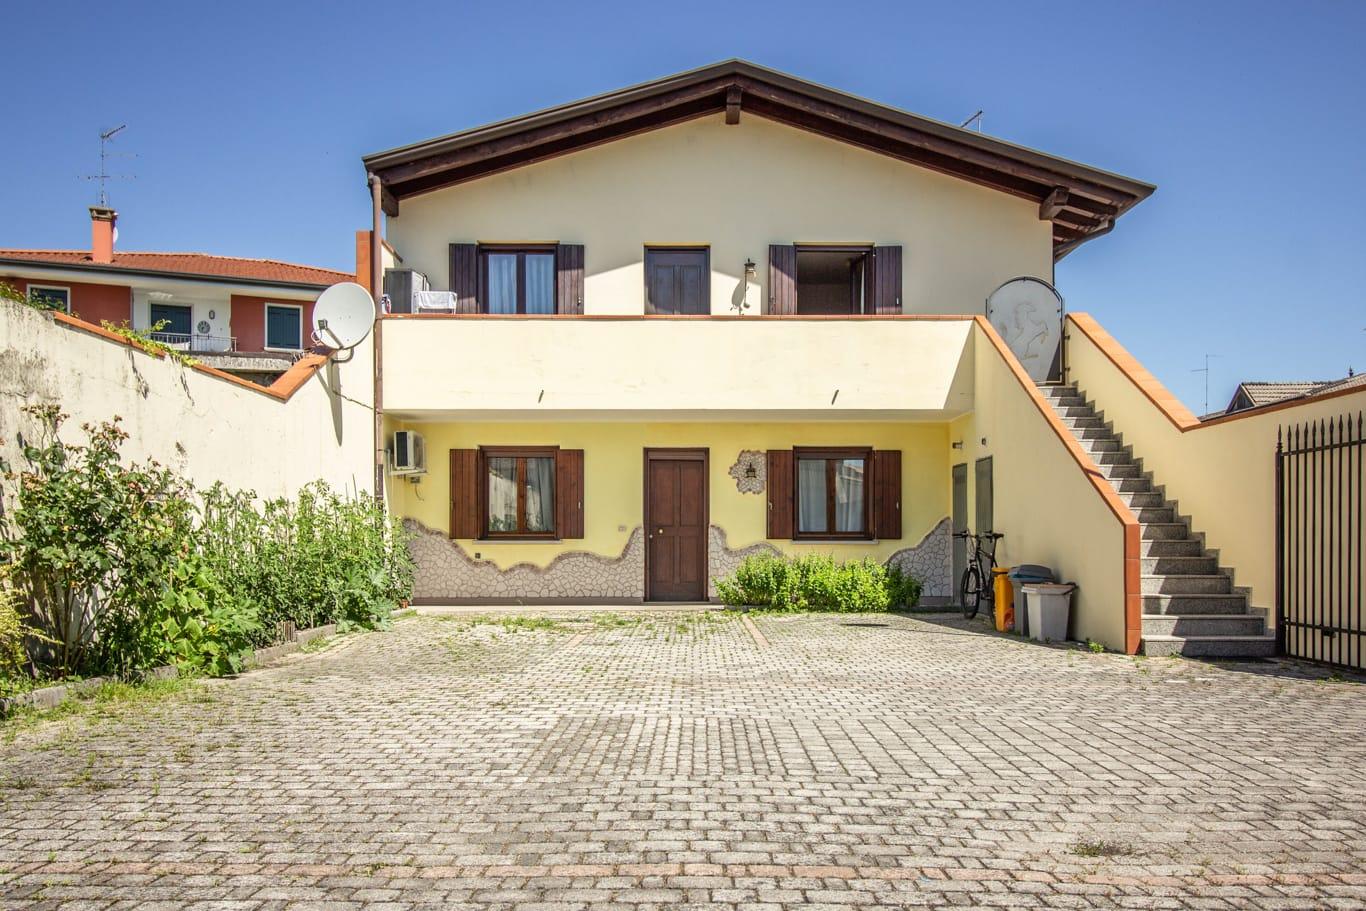 homelead-immobiliare-appartamento-zoppola (1 of 8)